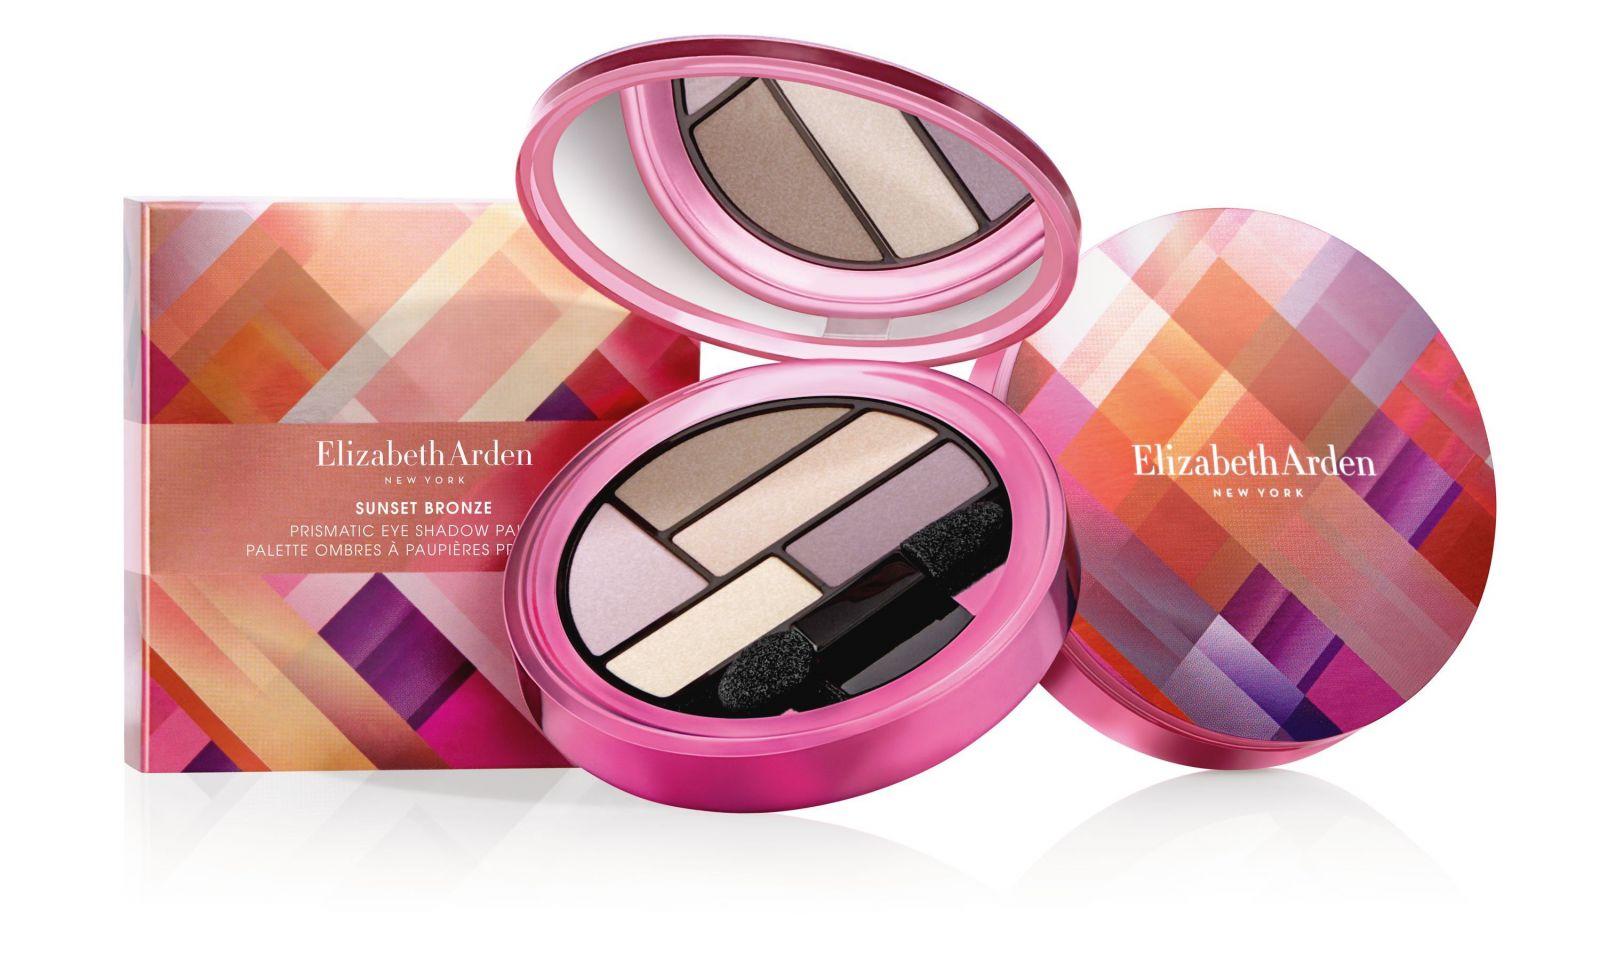 После заката: новая коллекция макияжа Sunset Bronze от Elizabeth Arden